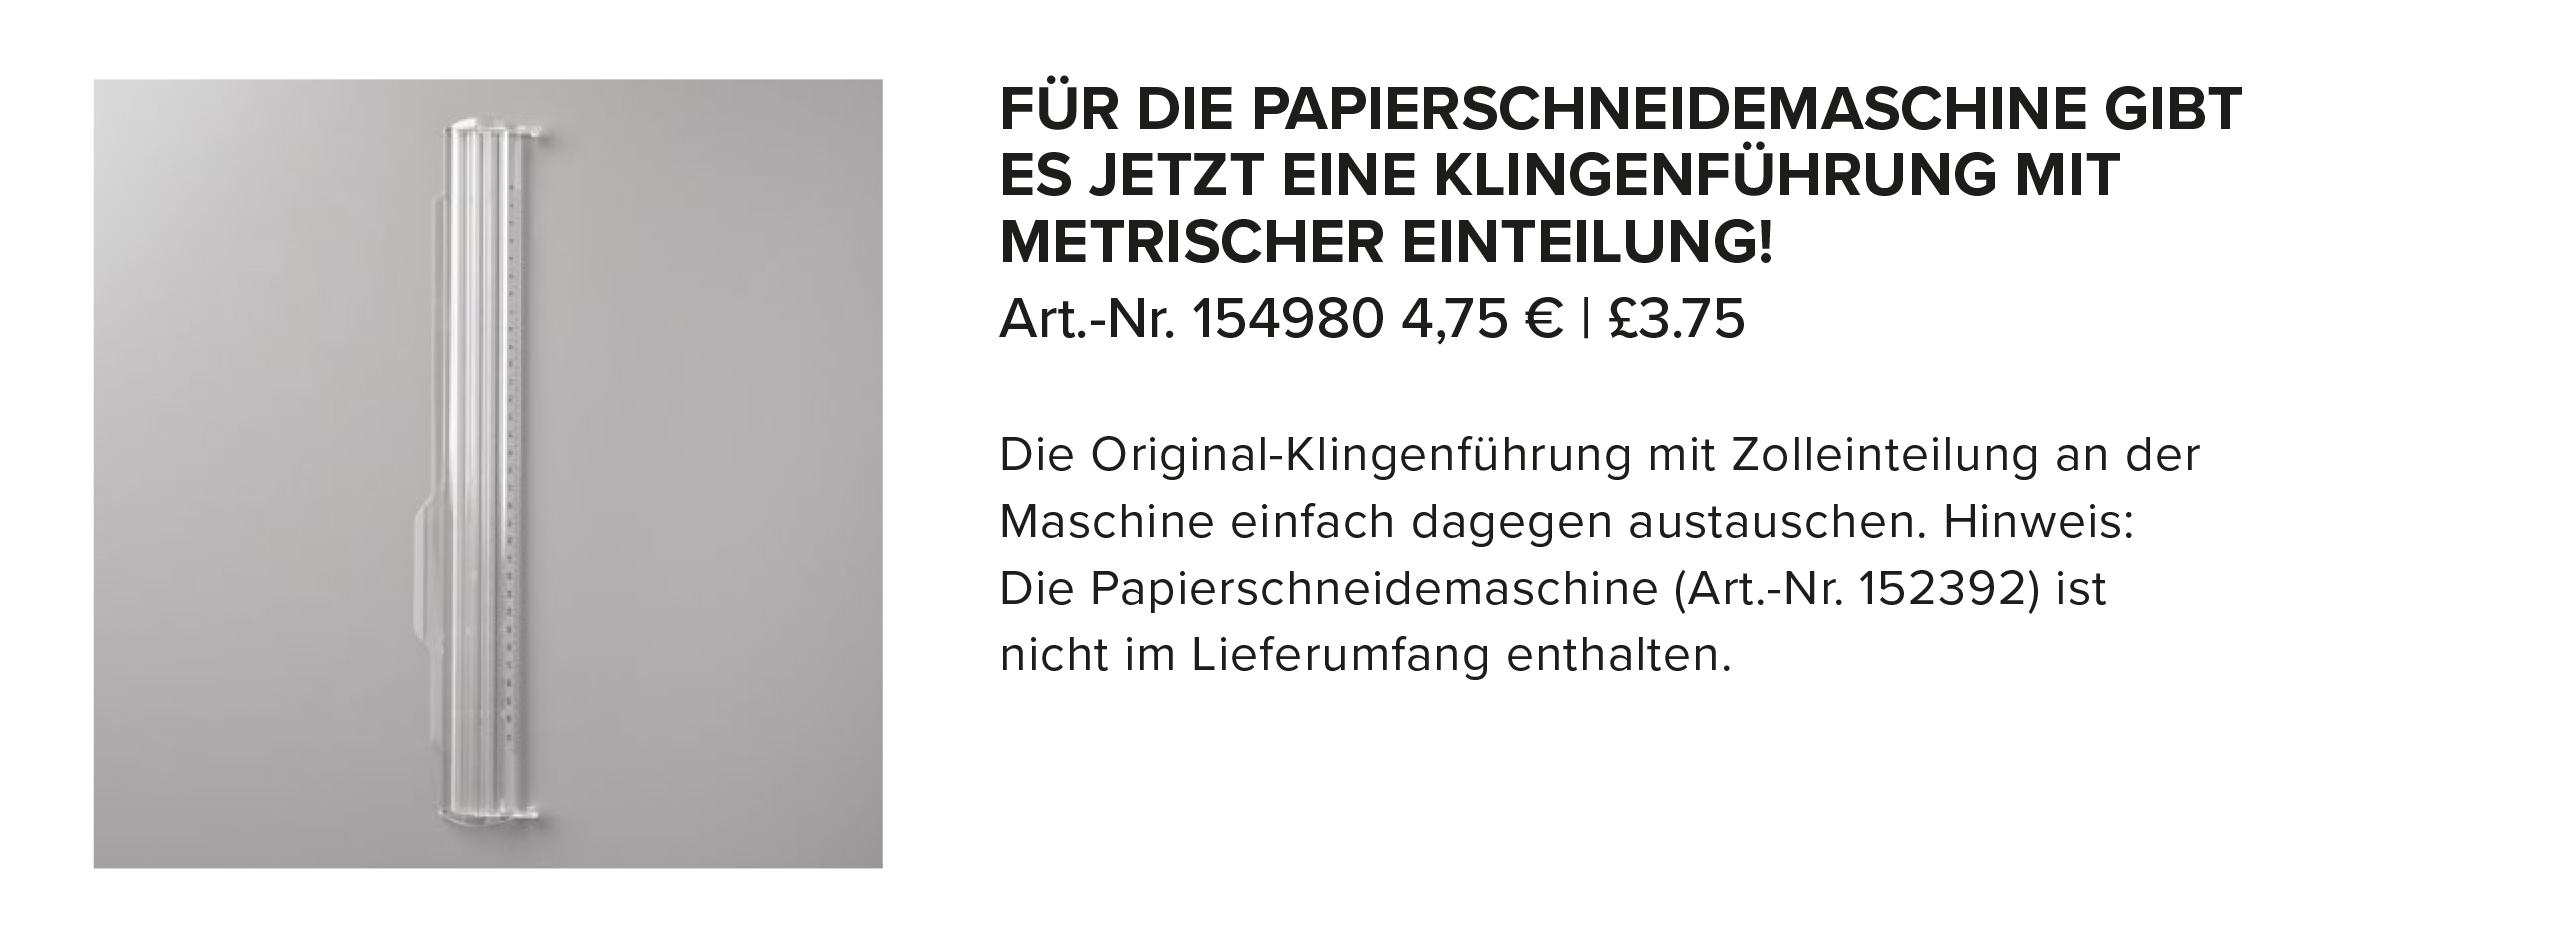 Stampin Up Metrische Klingen Fuehrungsschiene fuer den Papierschneider bestellbar Stempelmami Bild 2